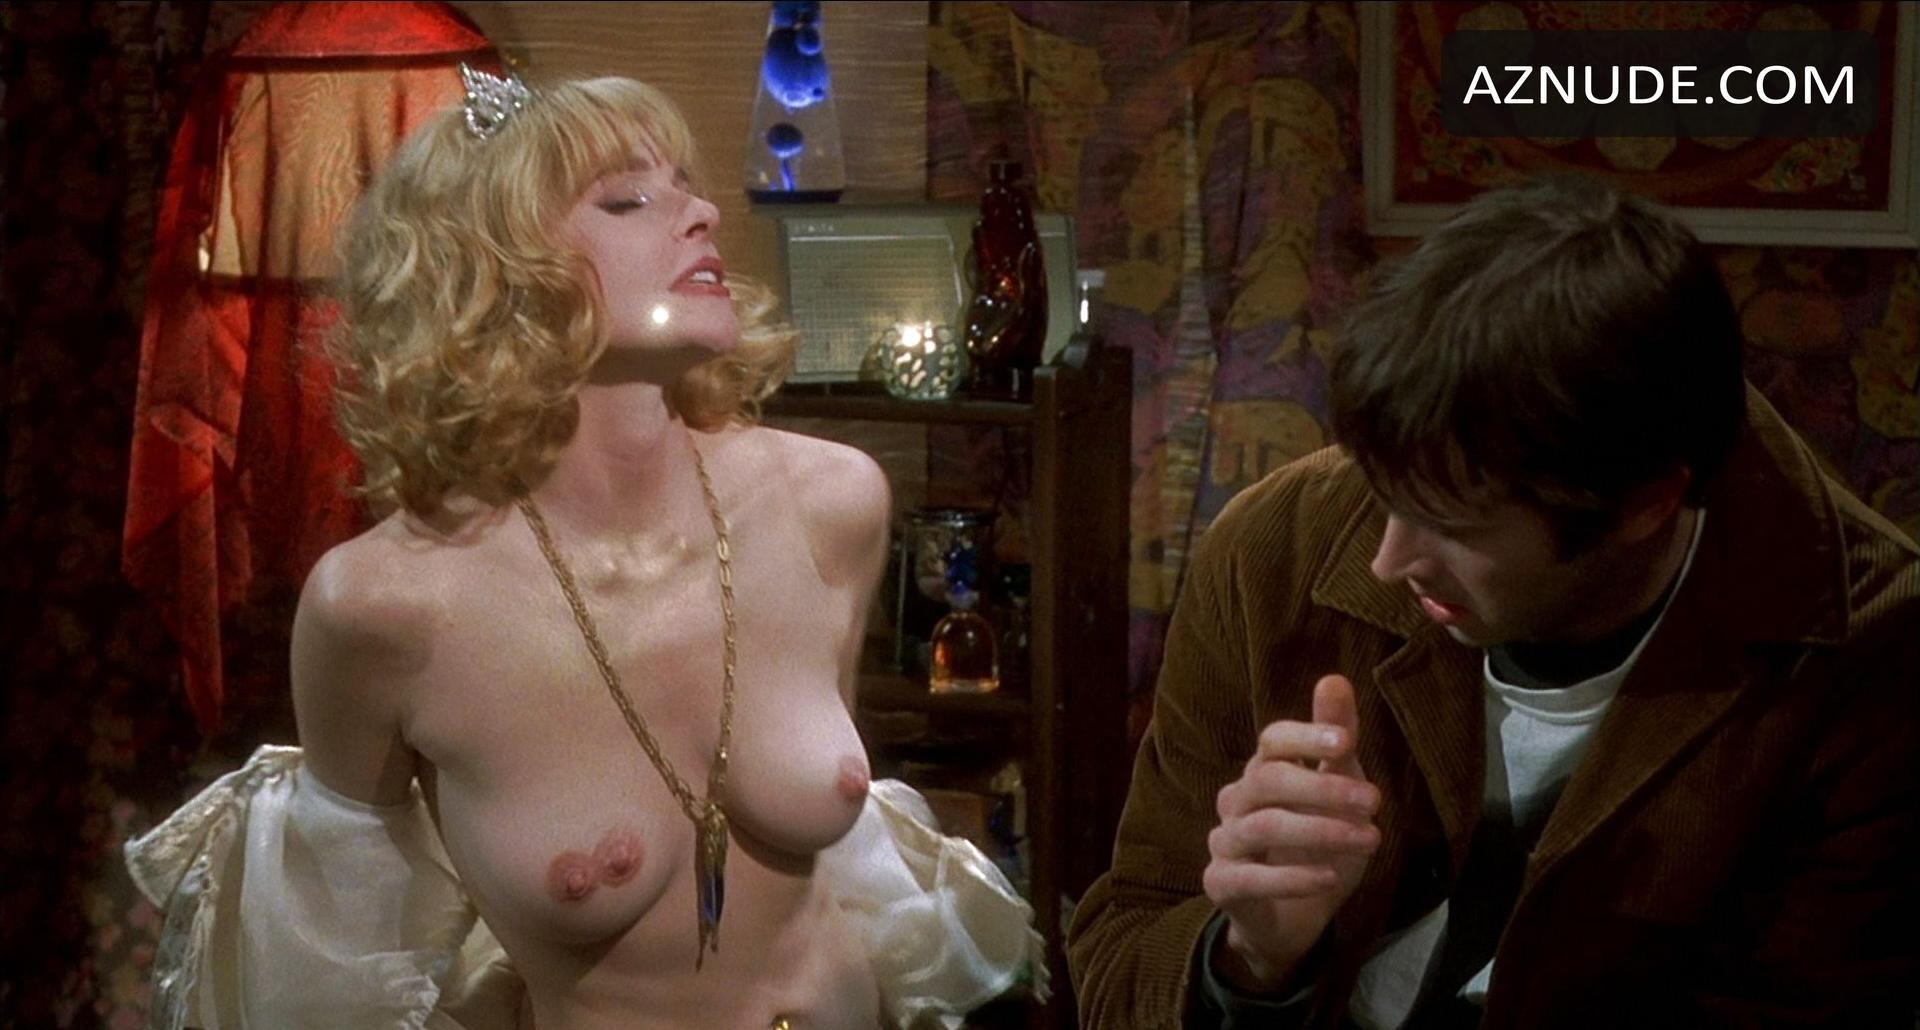 Italian Fucking Naked Girl From Mallrats